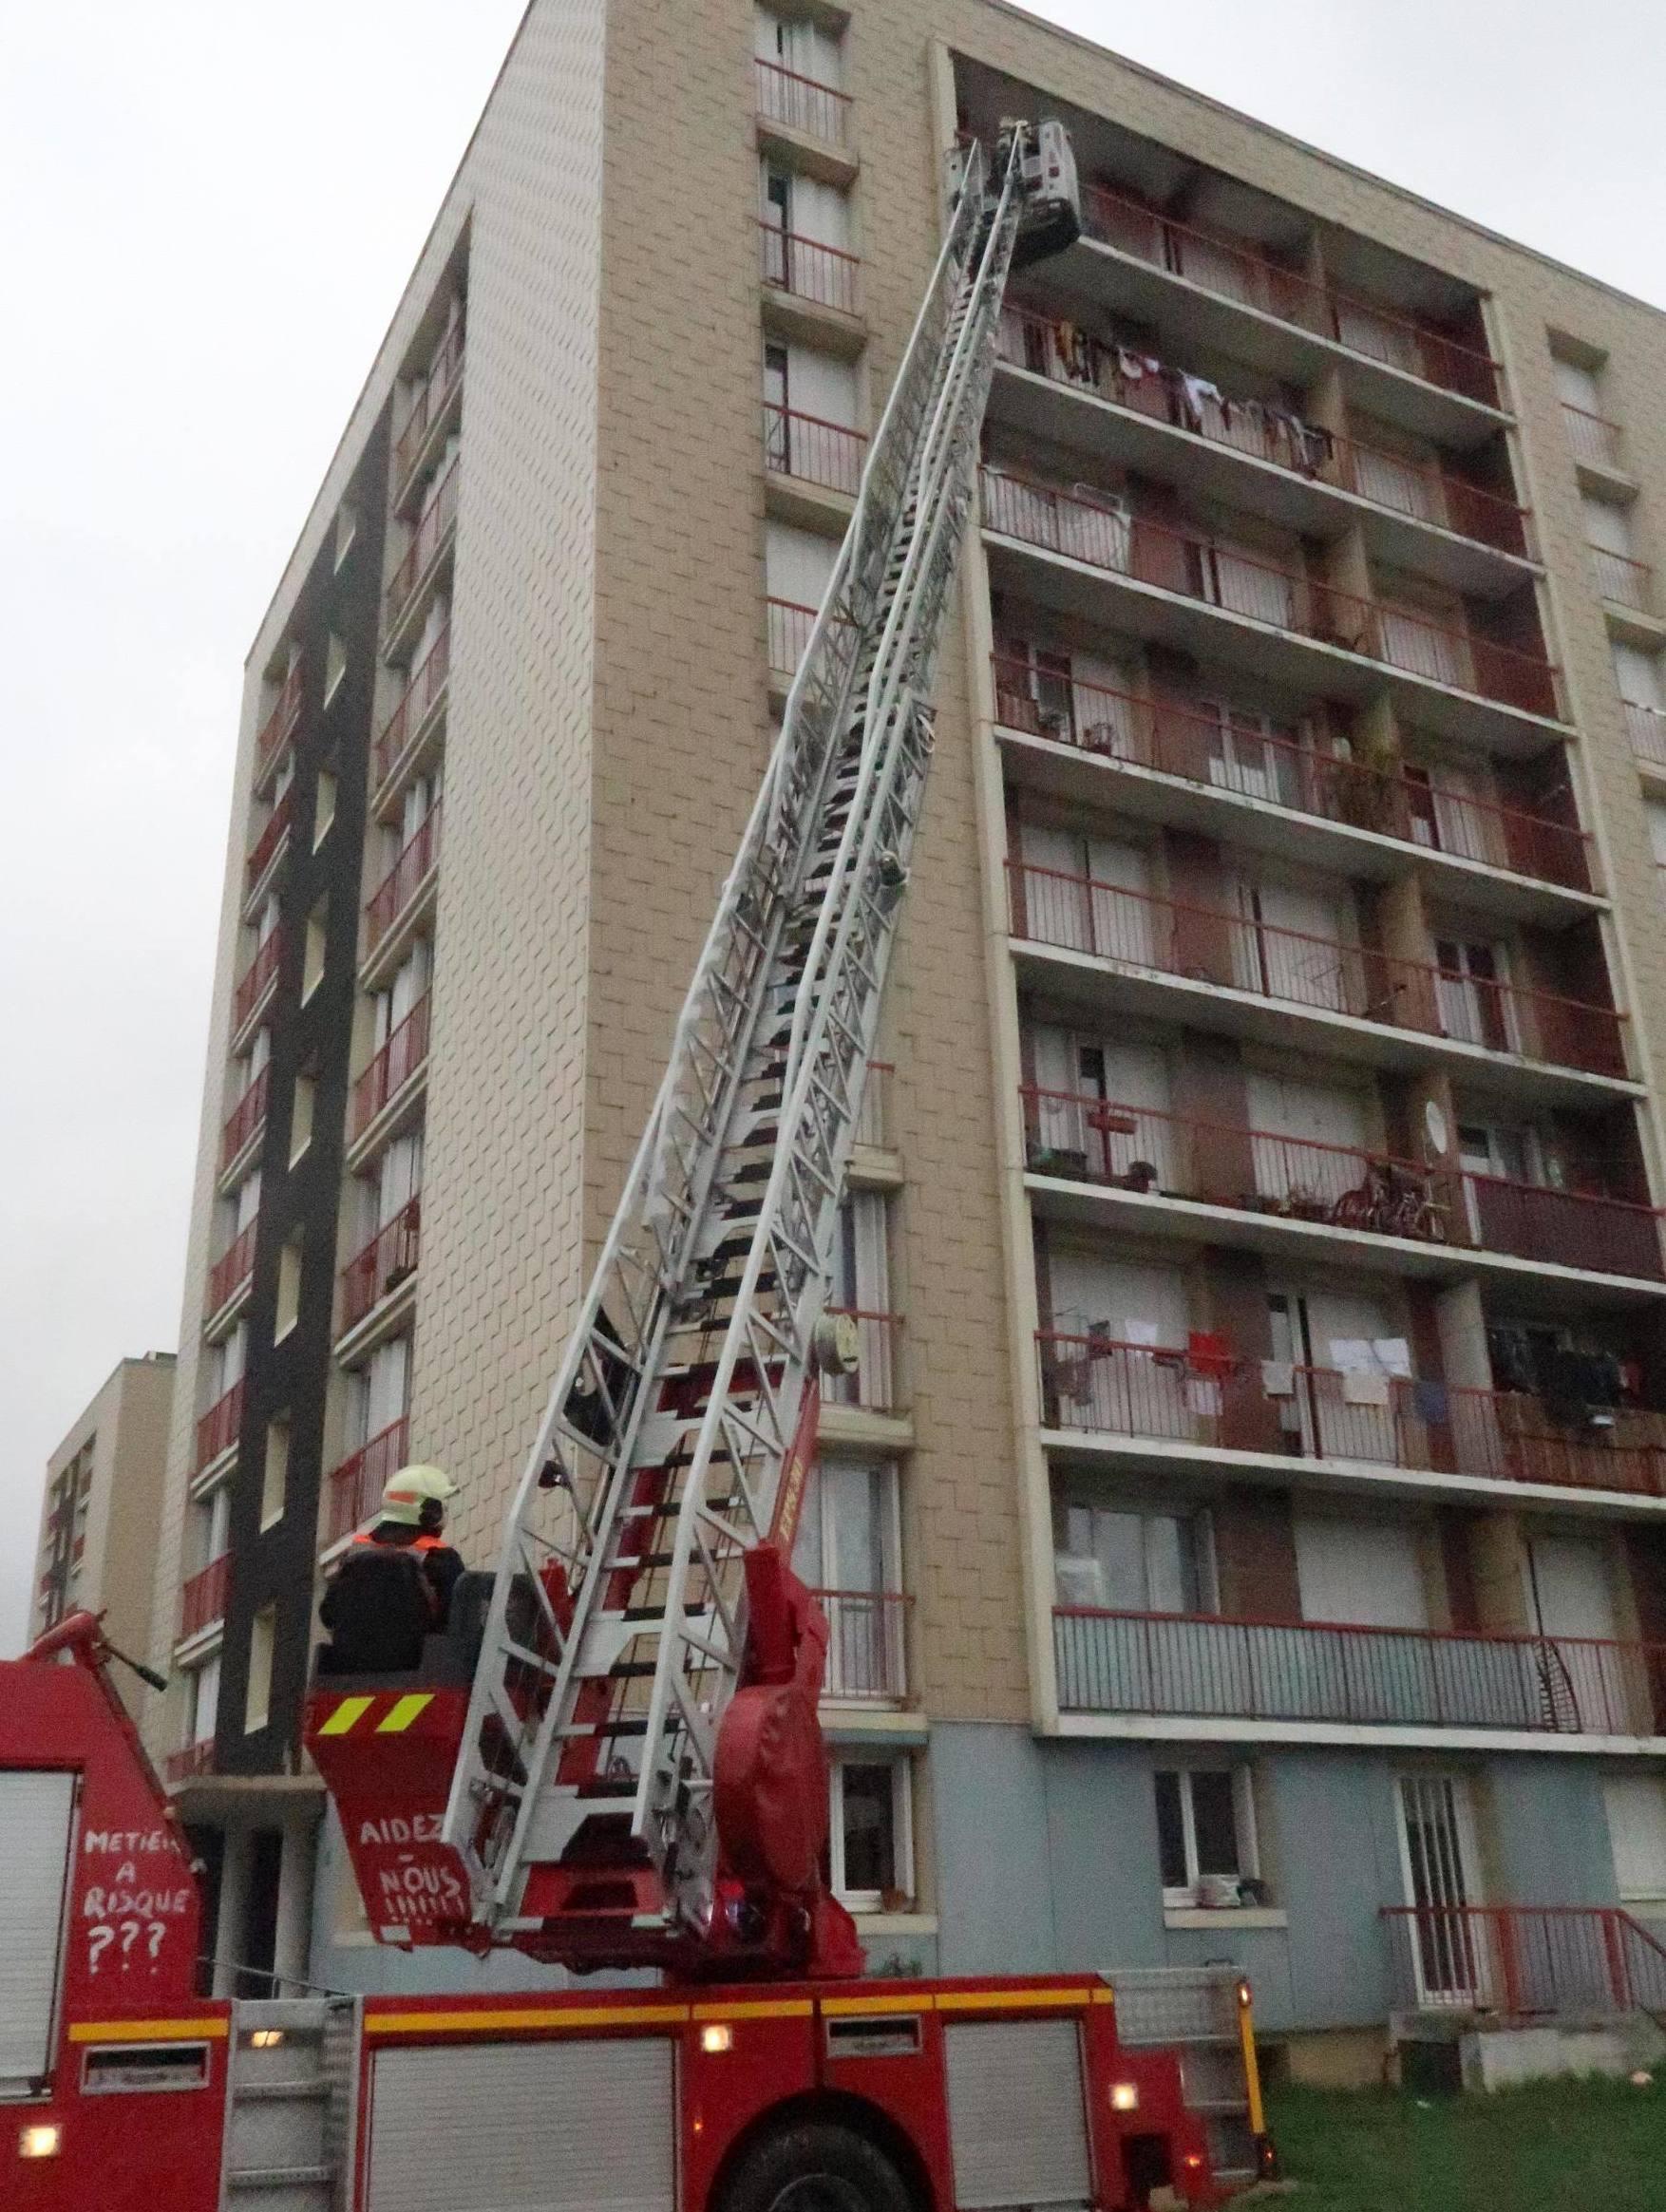 Faits Divers Poitiers Aujourd Hui : faits, divers, poitiers, aujourd, Poitiers, Incendie, Tour,, Blessés, Grave